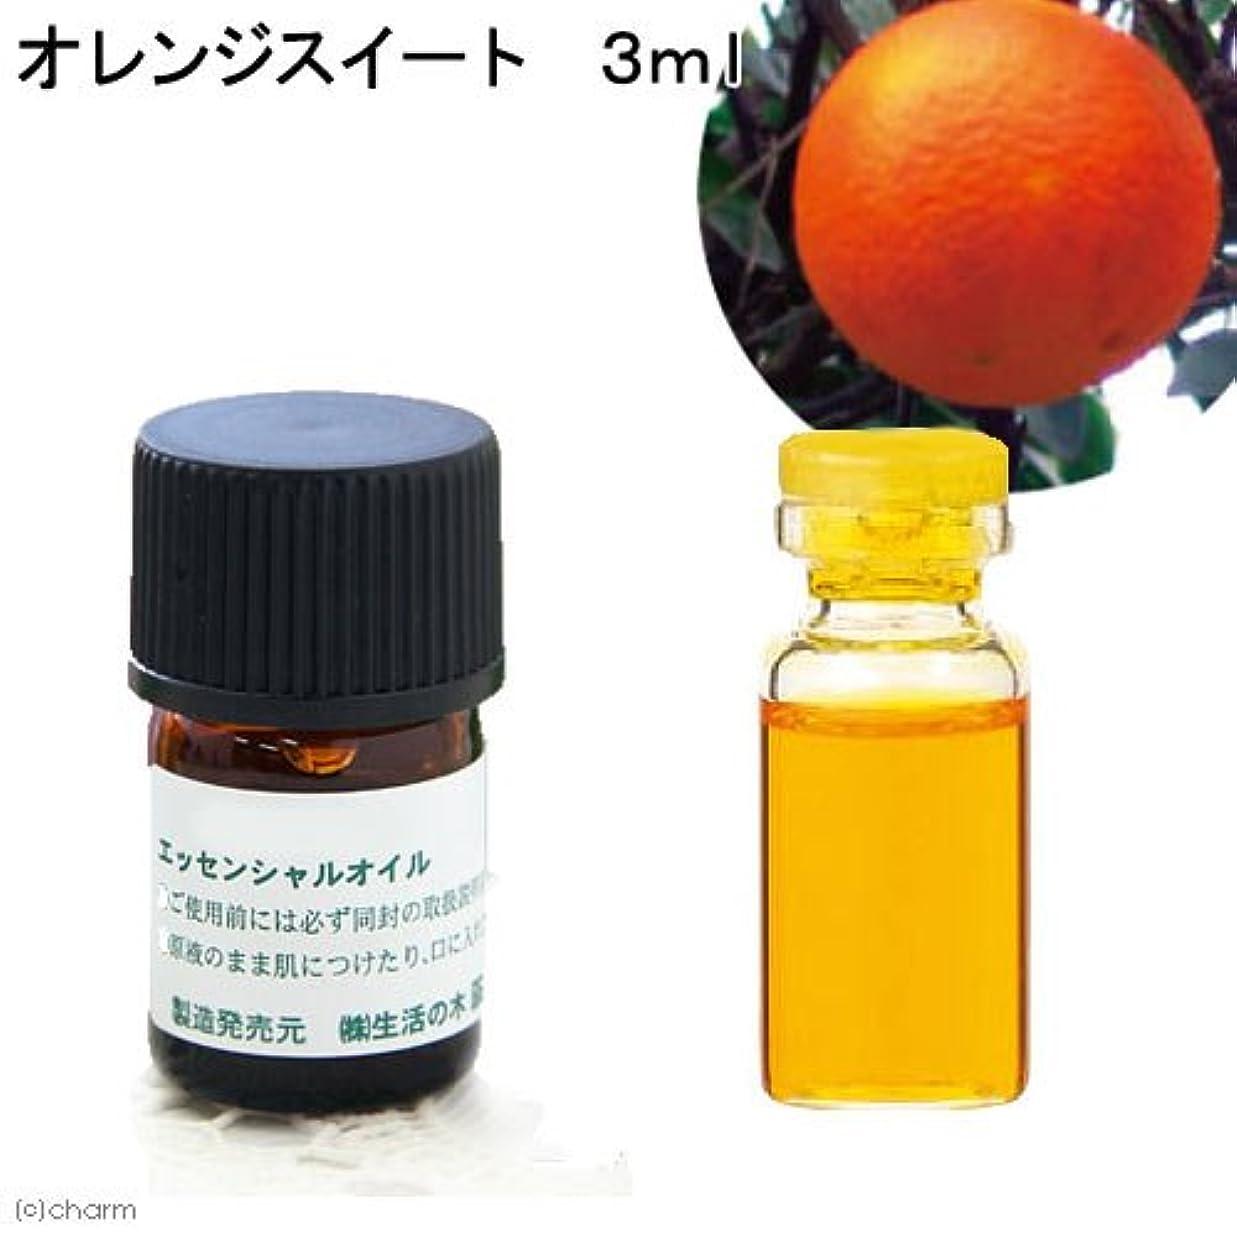 確認エクステントマーティンルーサーキングジュニア生活の木 オレンジスイート 3ml